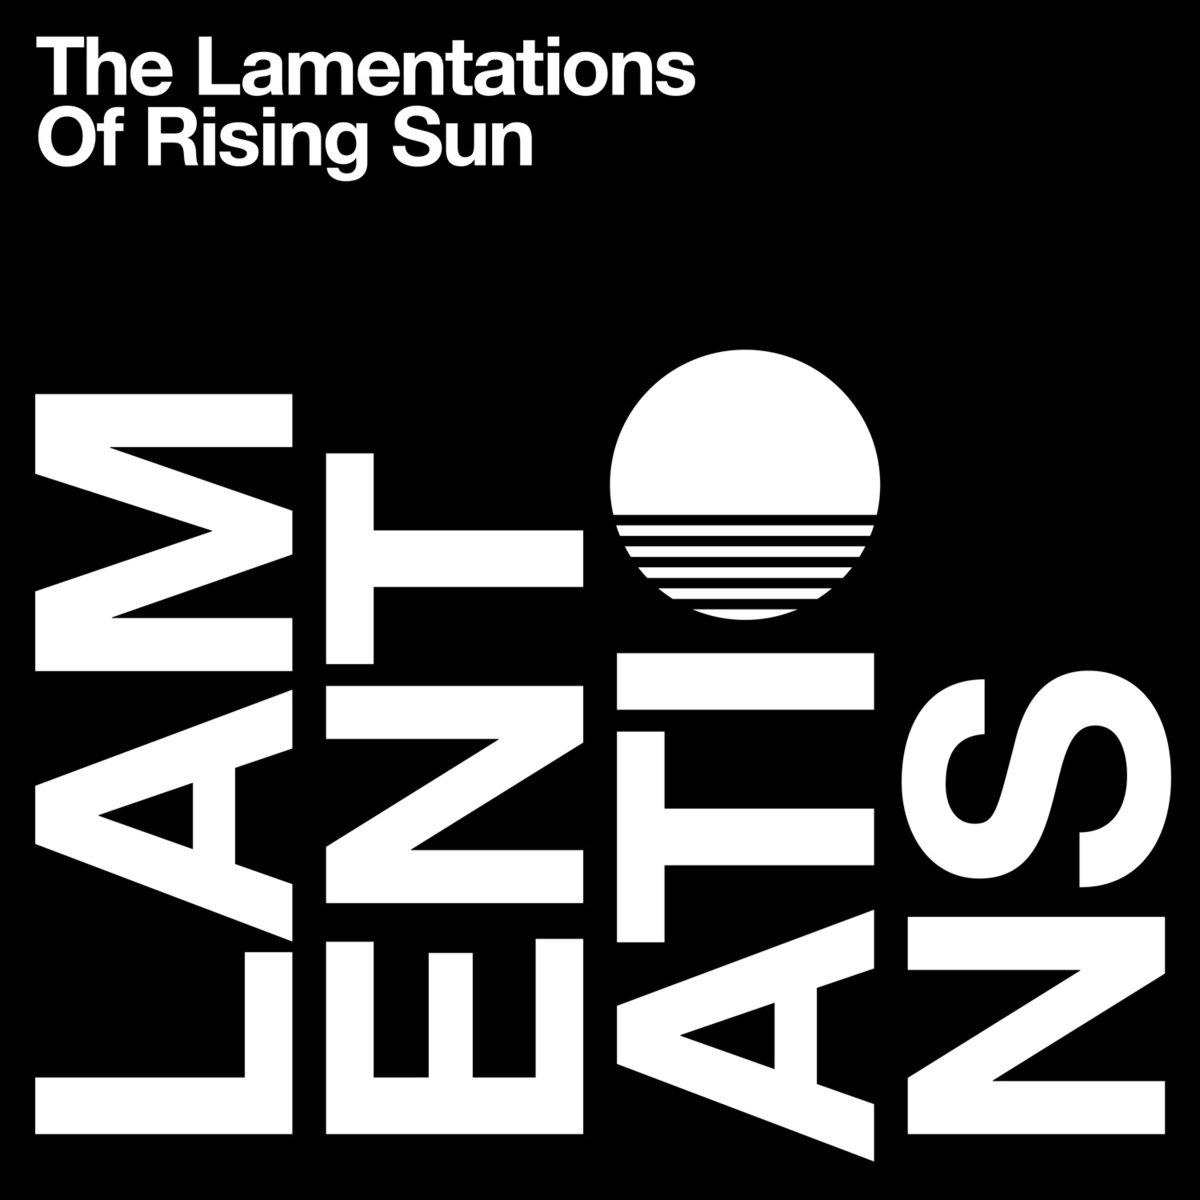 Rising Sun - The Lamentations of Rising Sun